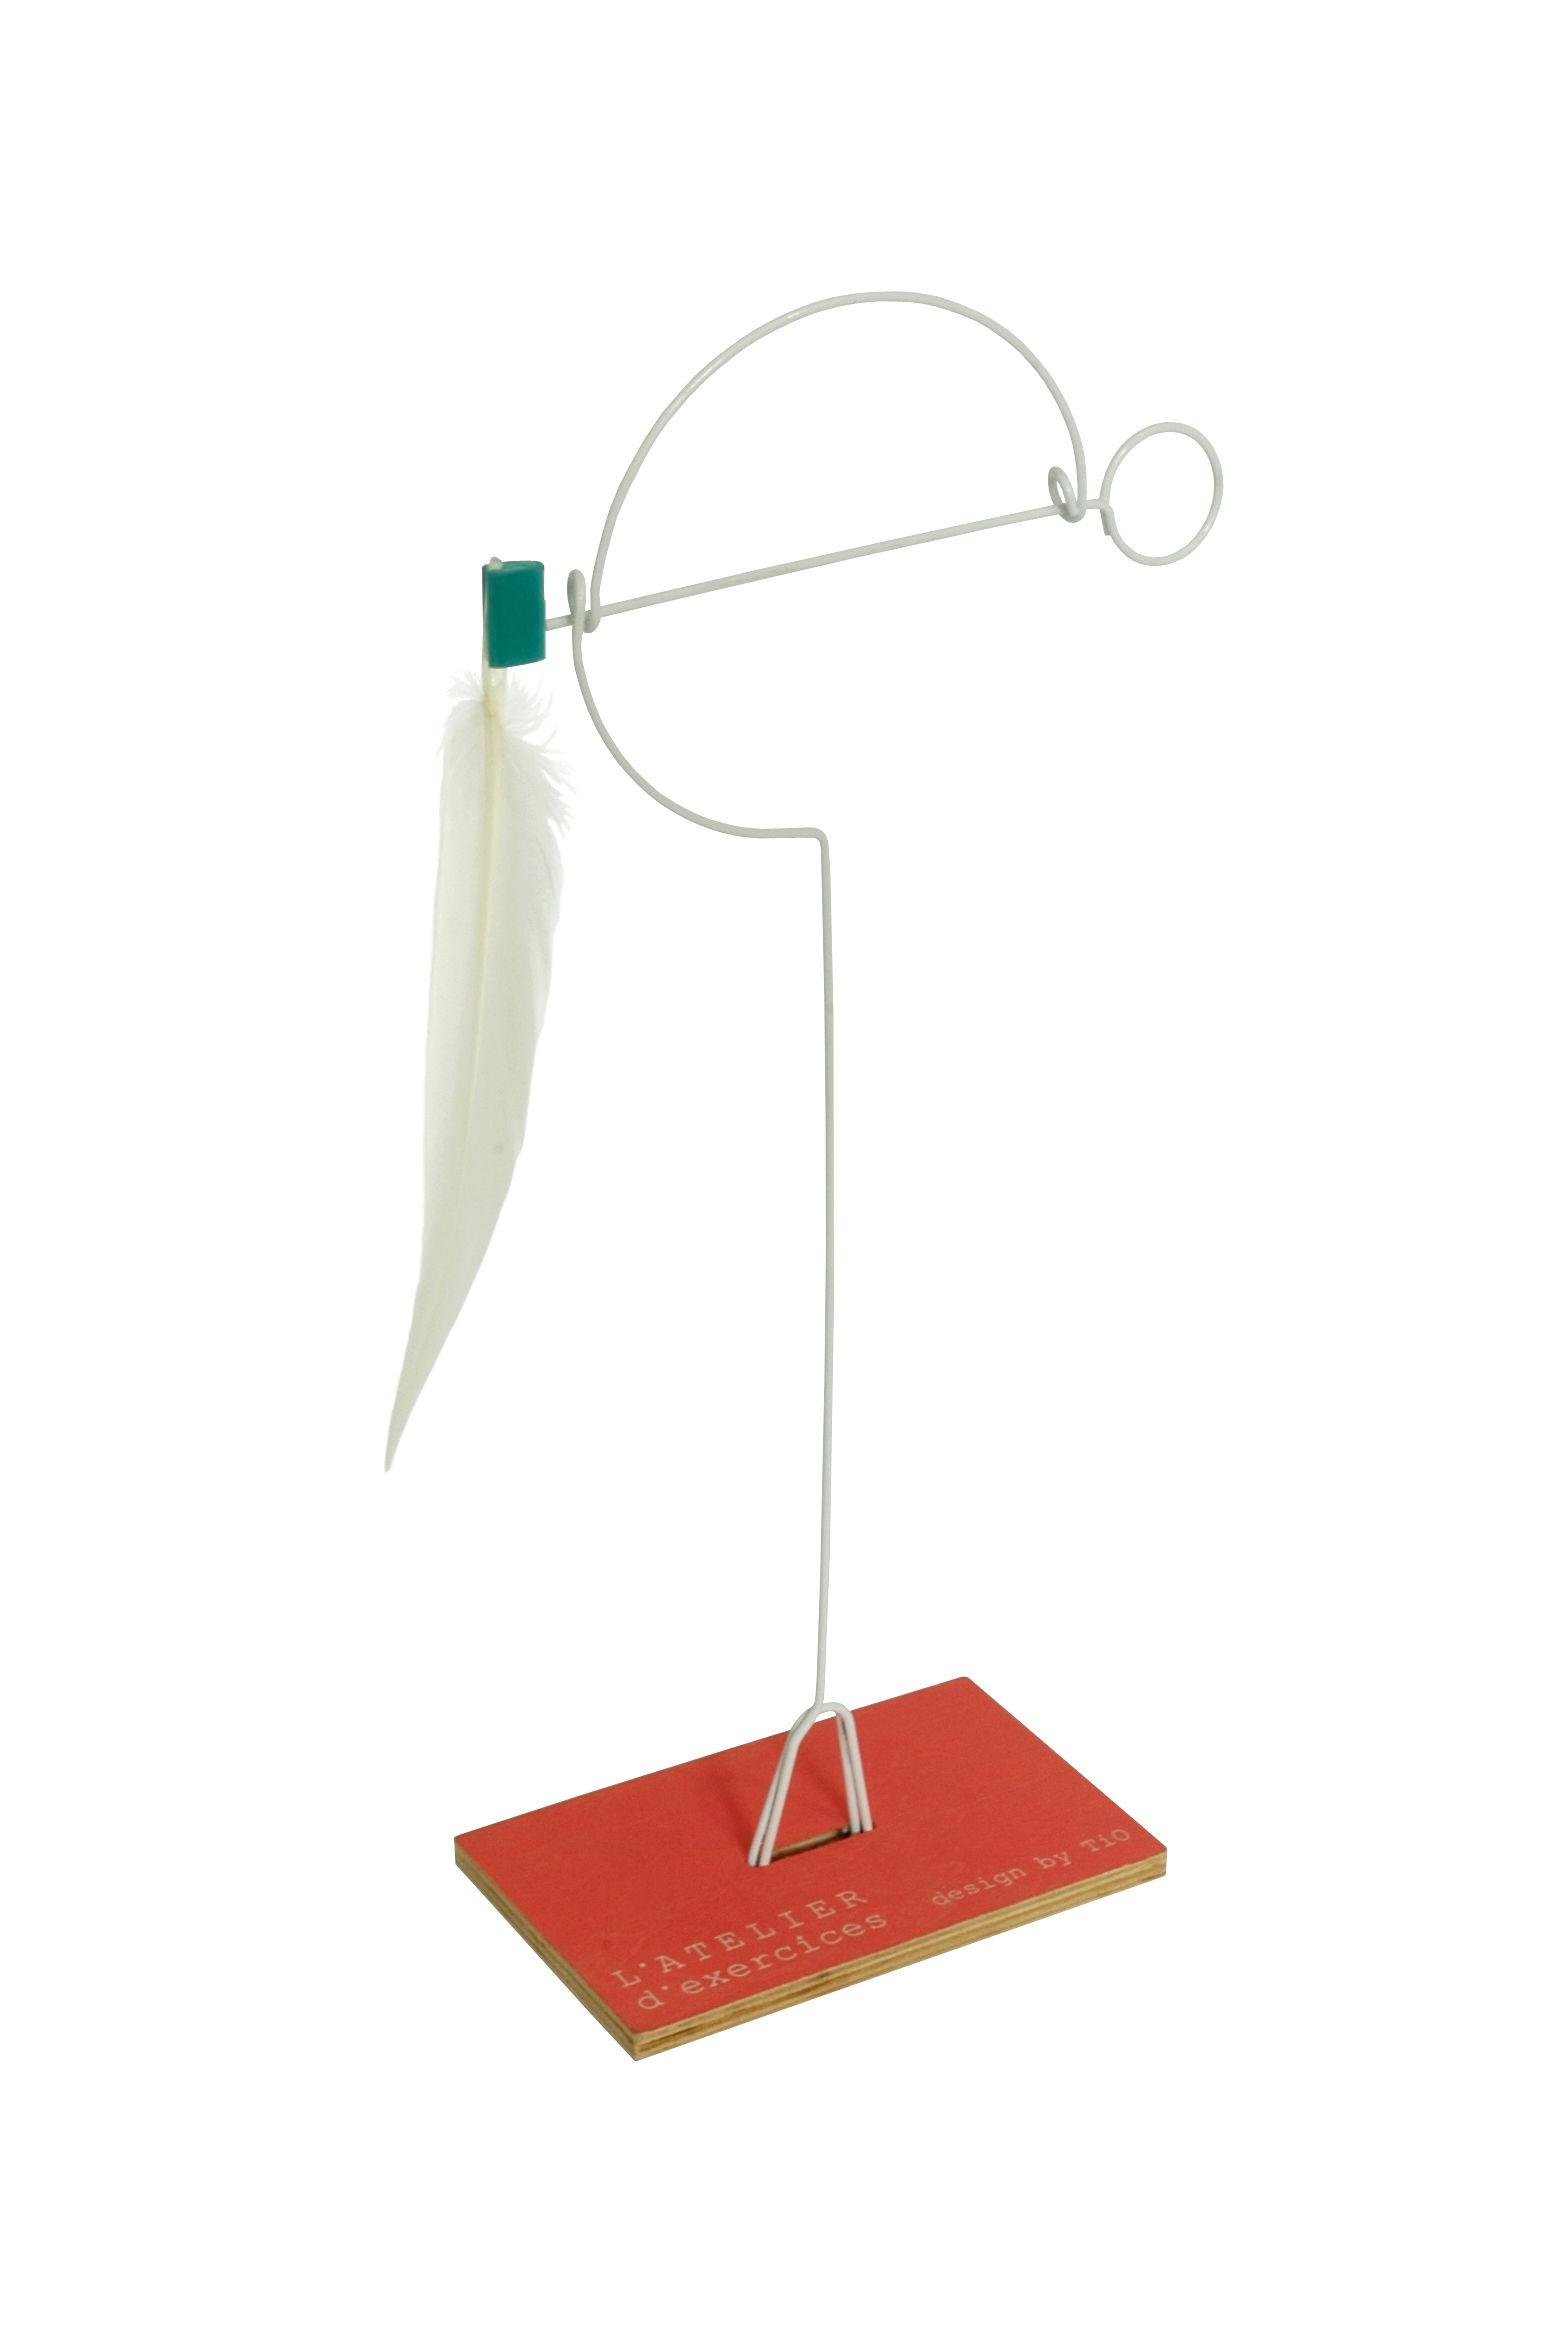 Interni - Per bambini - Mobile Mono-plume - da appoggio di L'atelier d'exercices - Metallo - Piuma bianca - Acciaio, Legno, Piuma